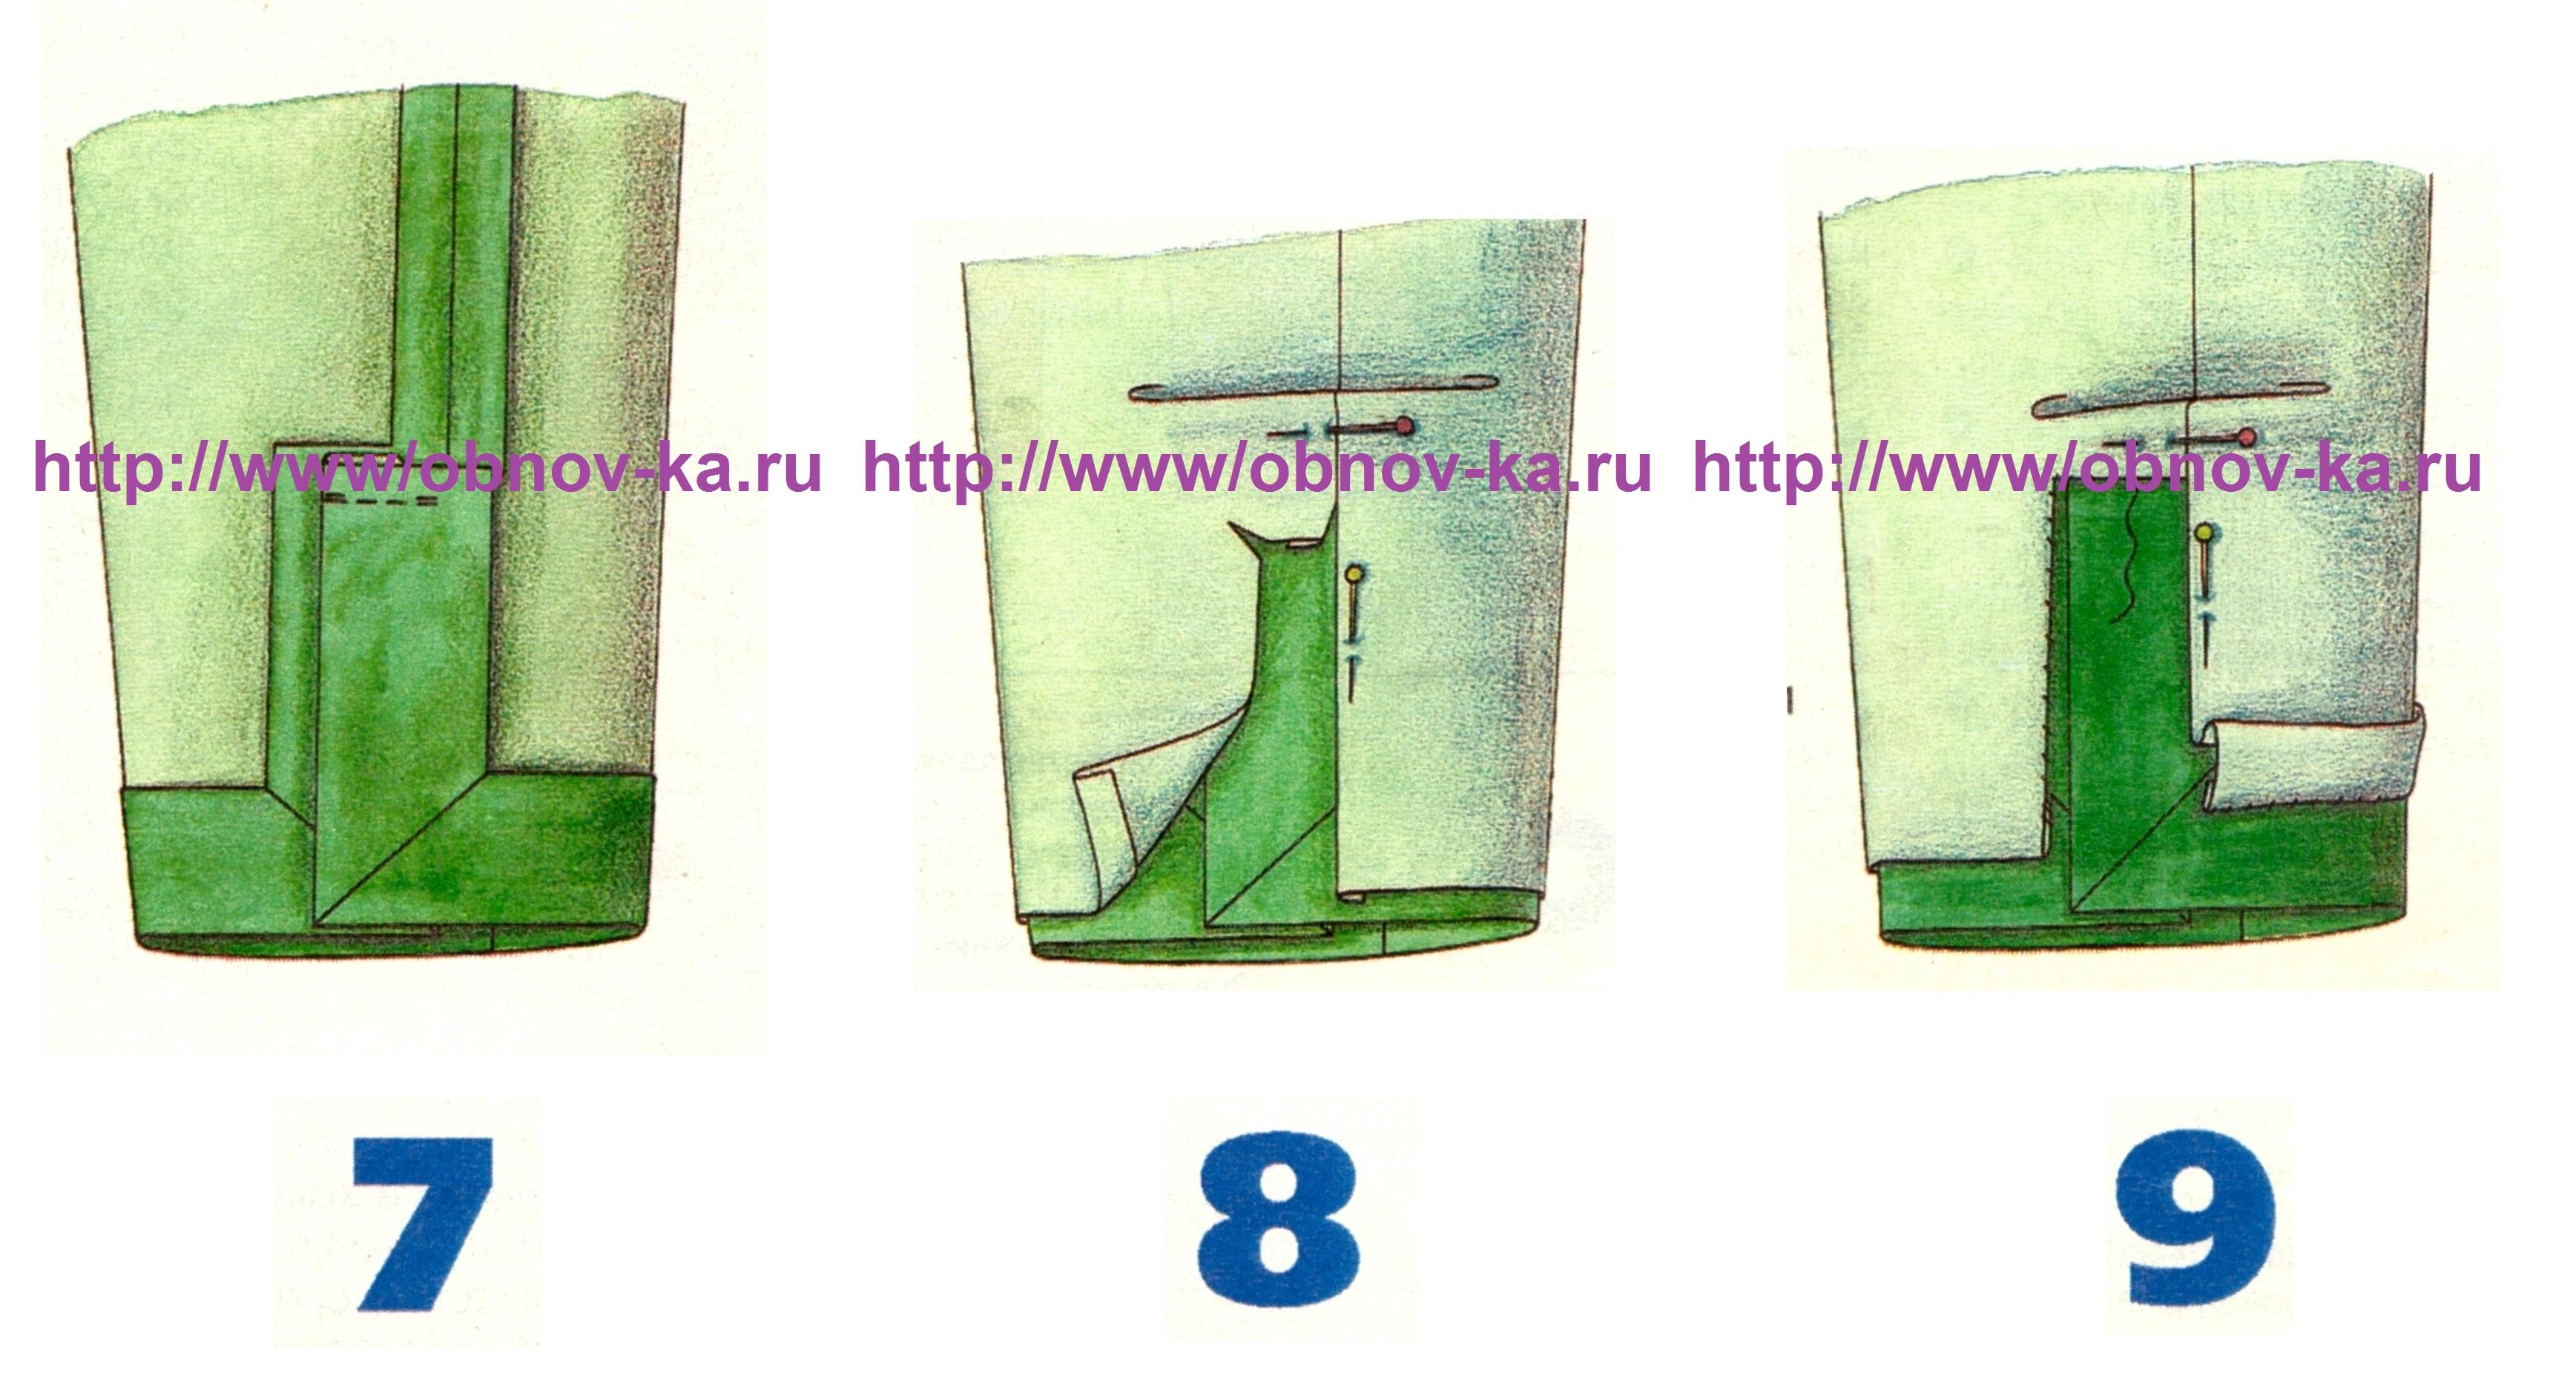 Как из разреза сделать шлицу на юбке